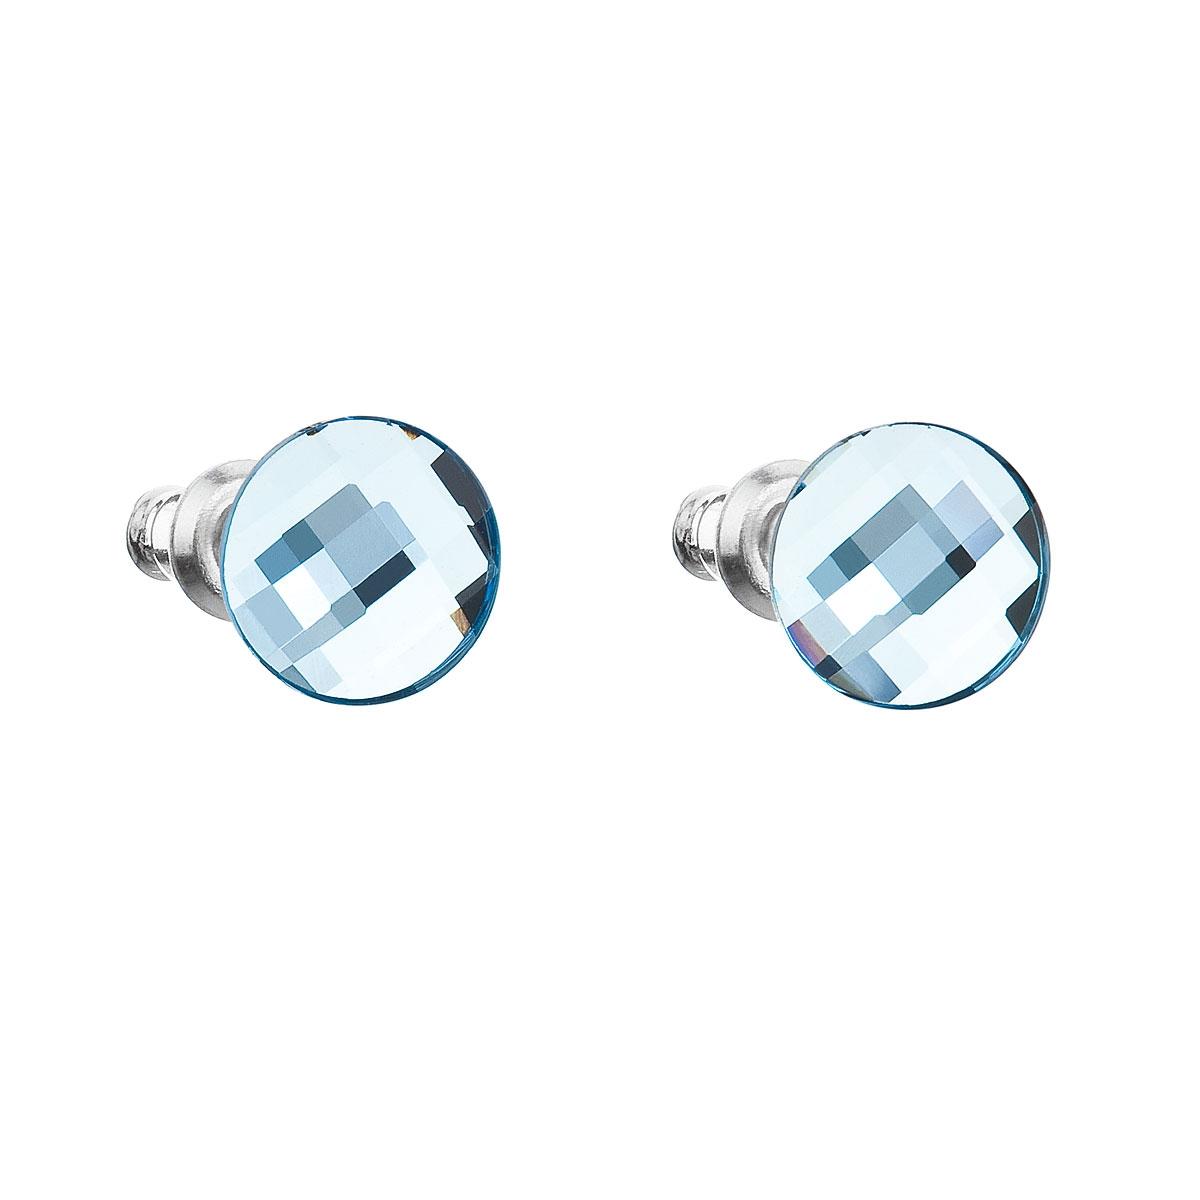 Náušnice bižutéria so Swarovski kryštálmi guľaté, Aqua